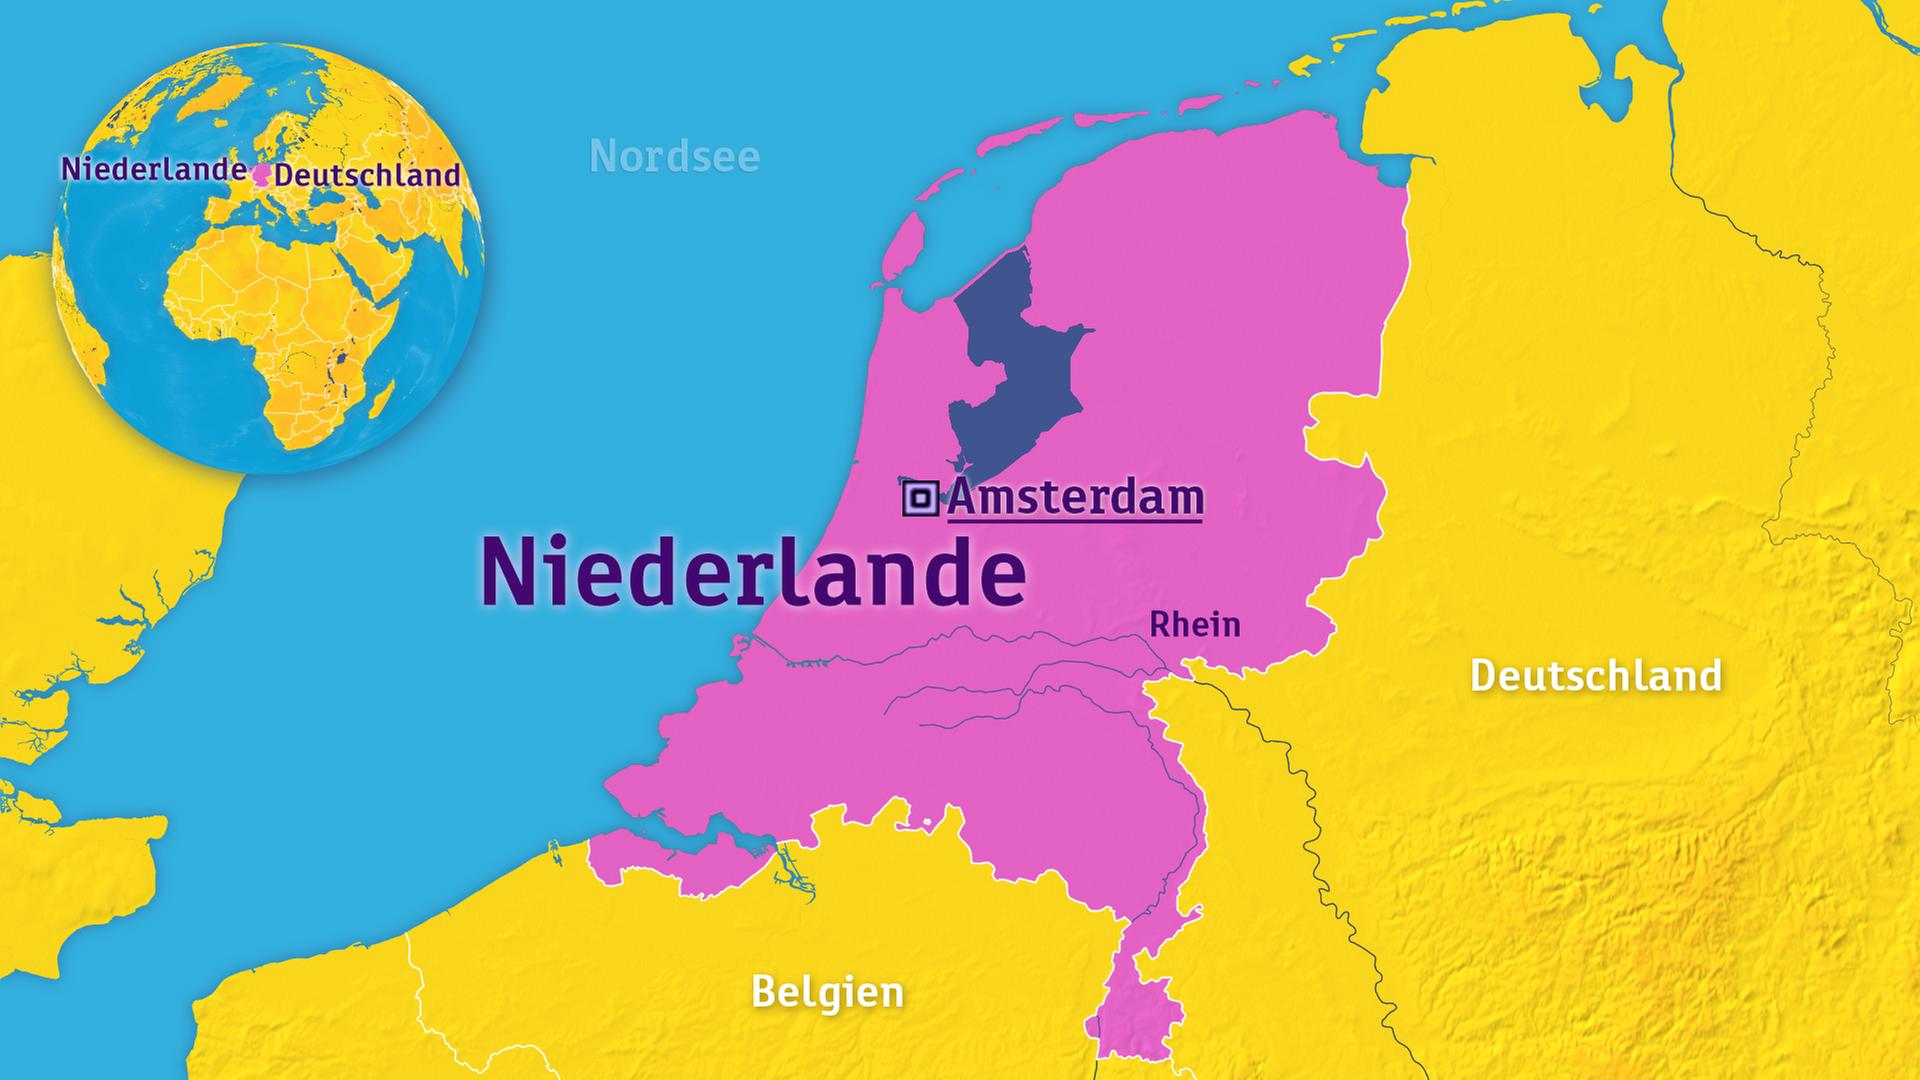 Karte Von Holland Und Belgien.Logo Niederlande Zdfmediathek